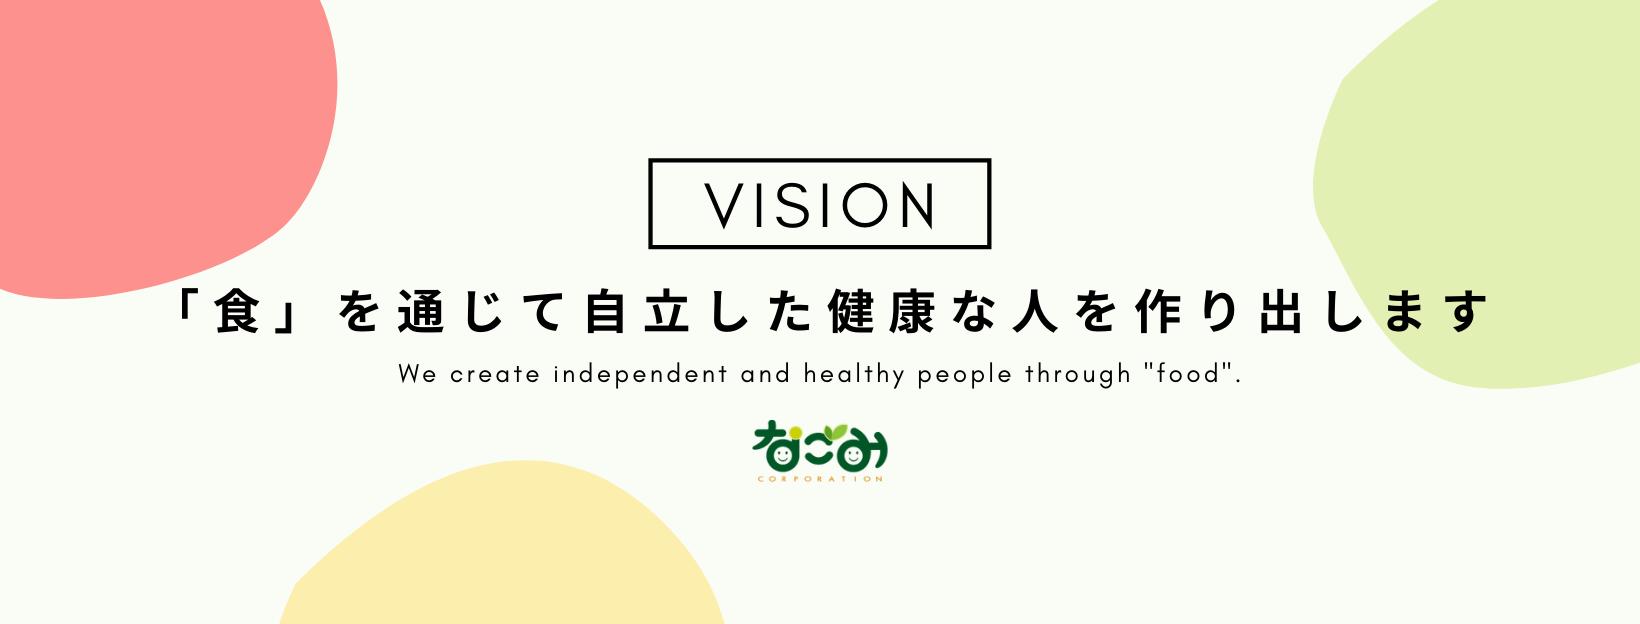 VISION 「食」を通じて自立した健康な人を作り出します